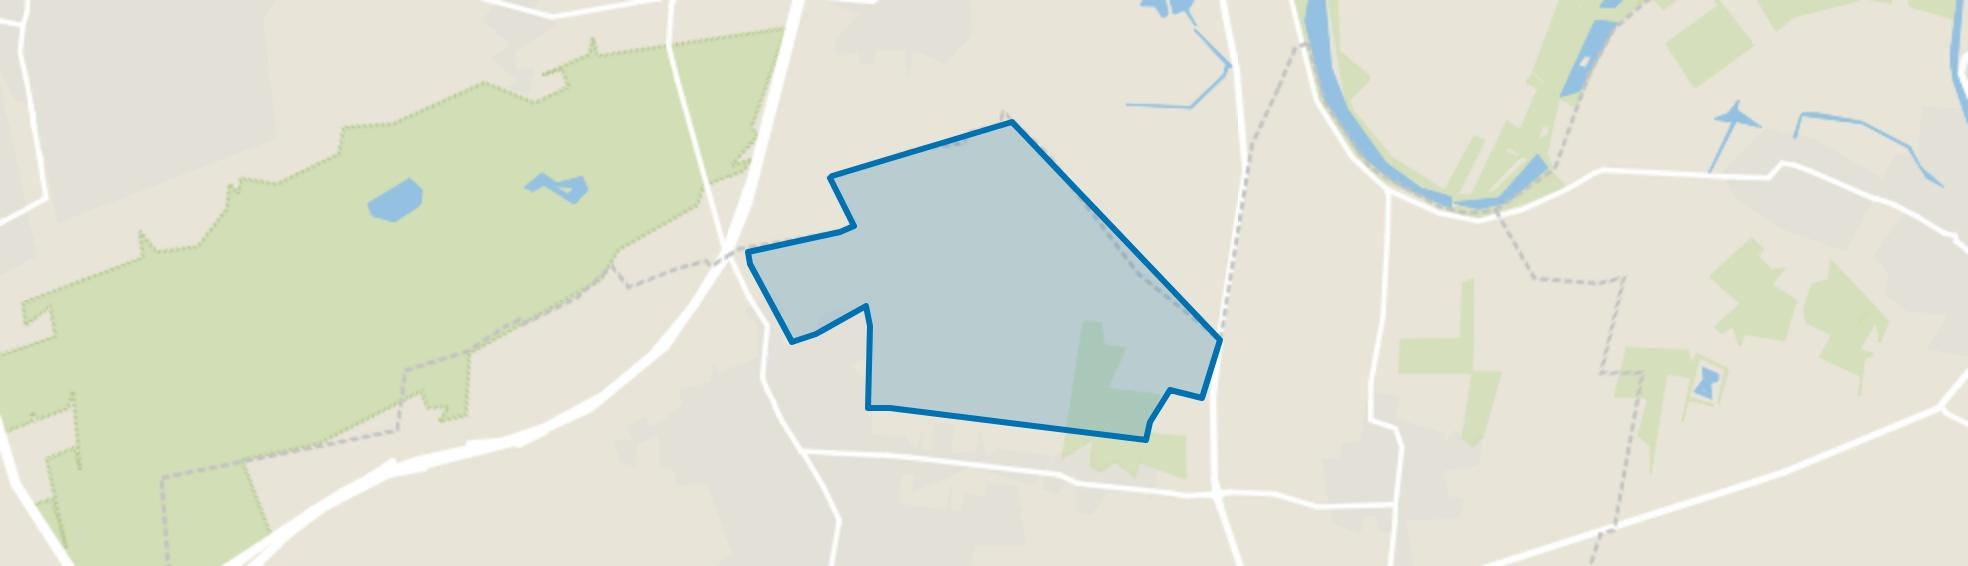 Overige verspreide huizen, Schaijk map